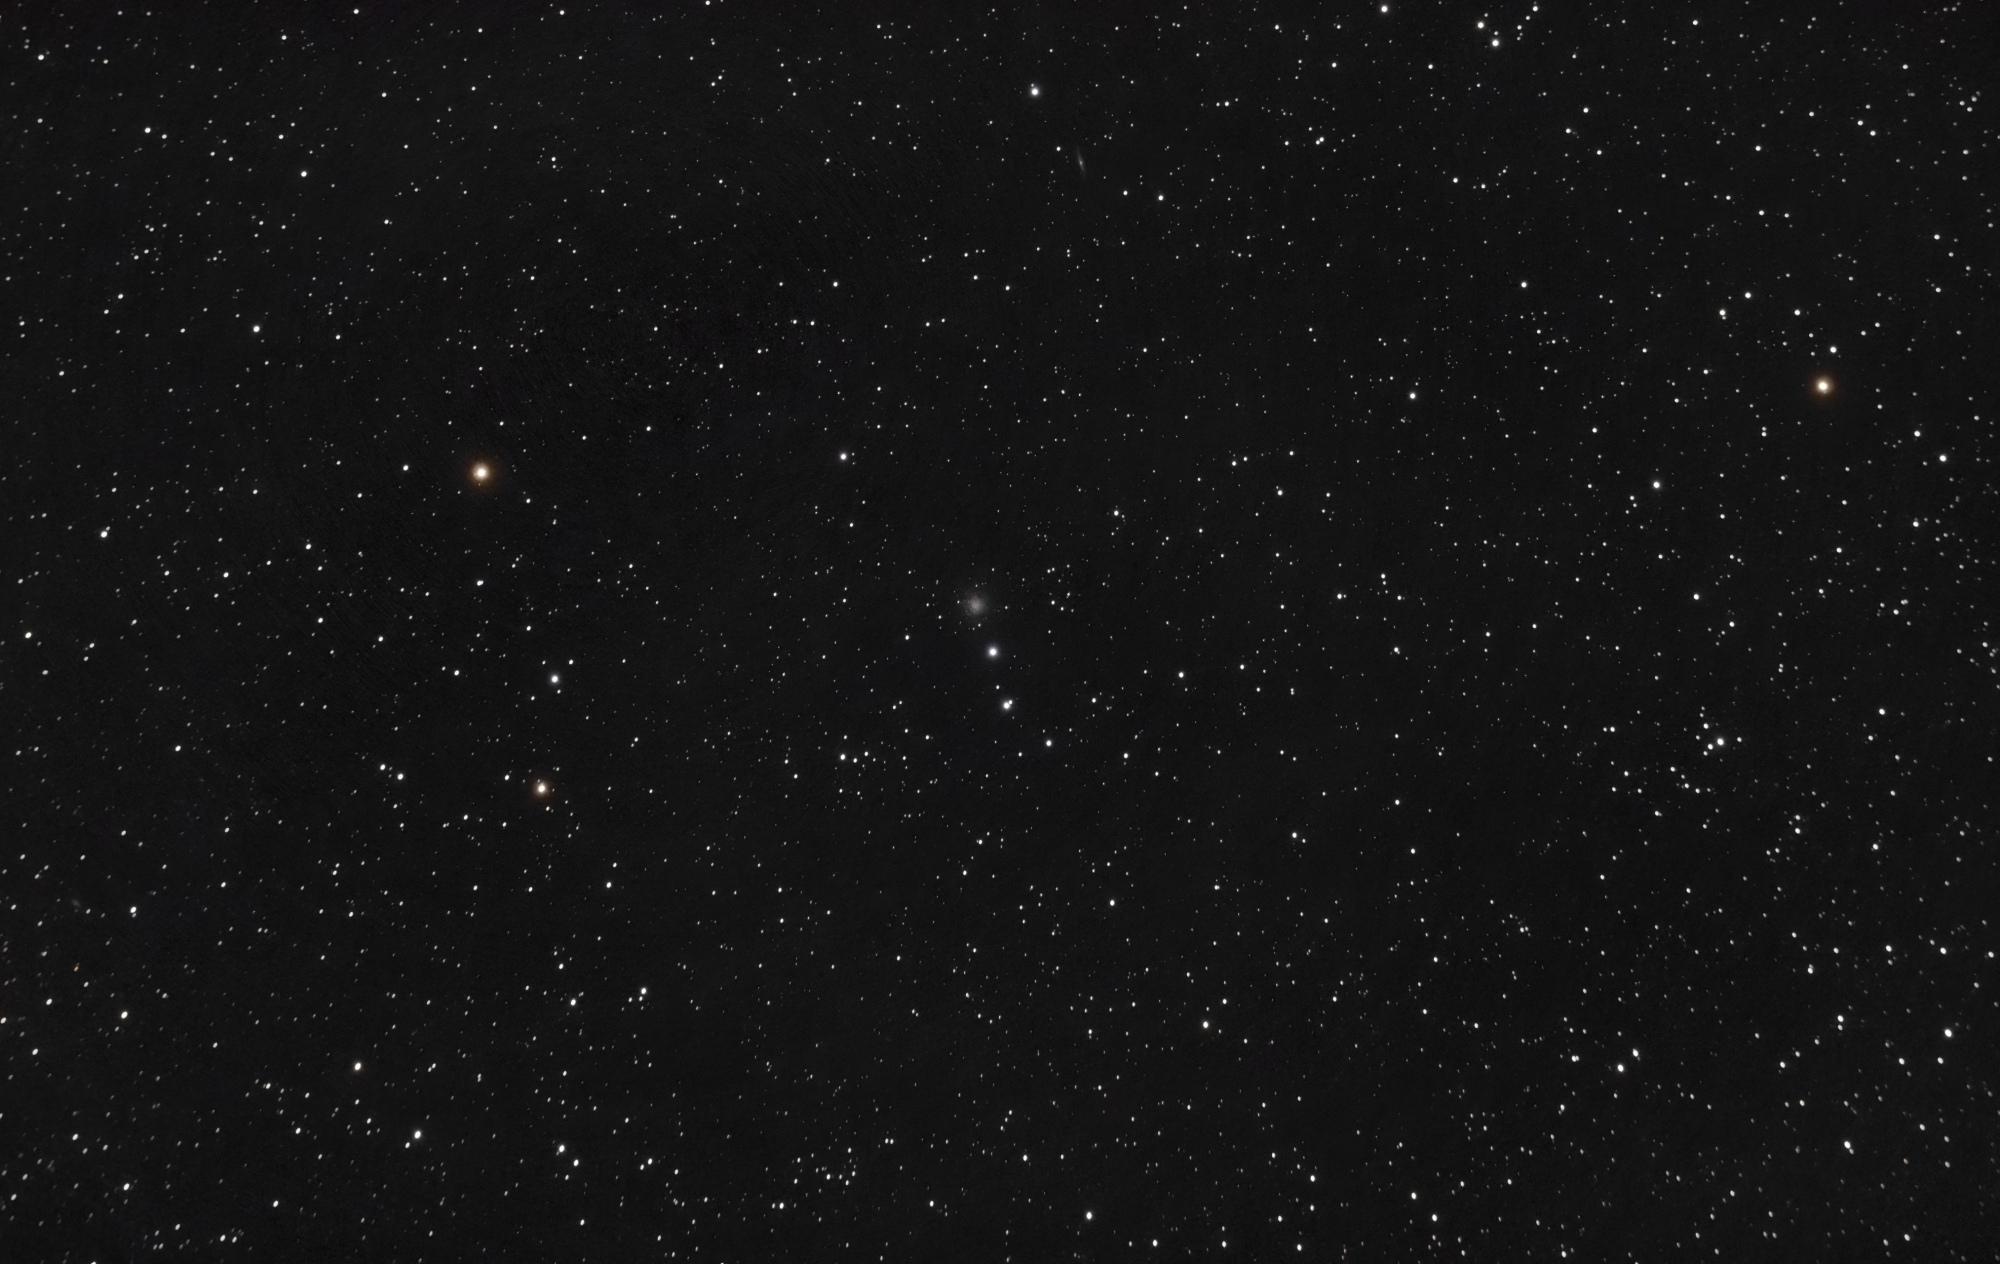 NGC2419-denoise-denoise-full.jpg